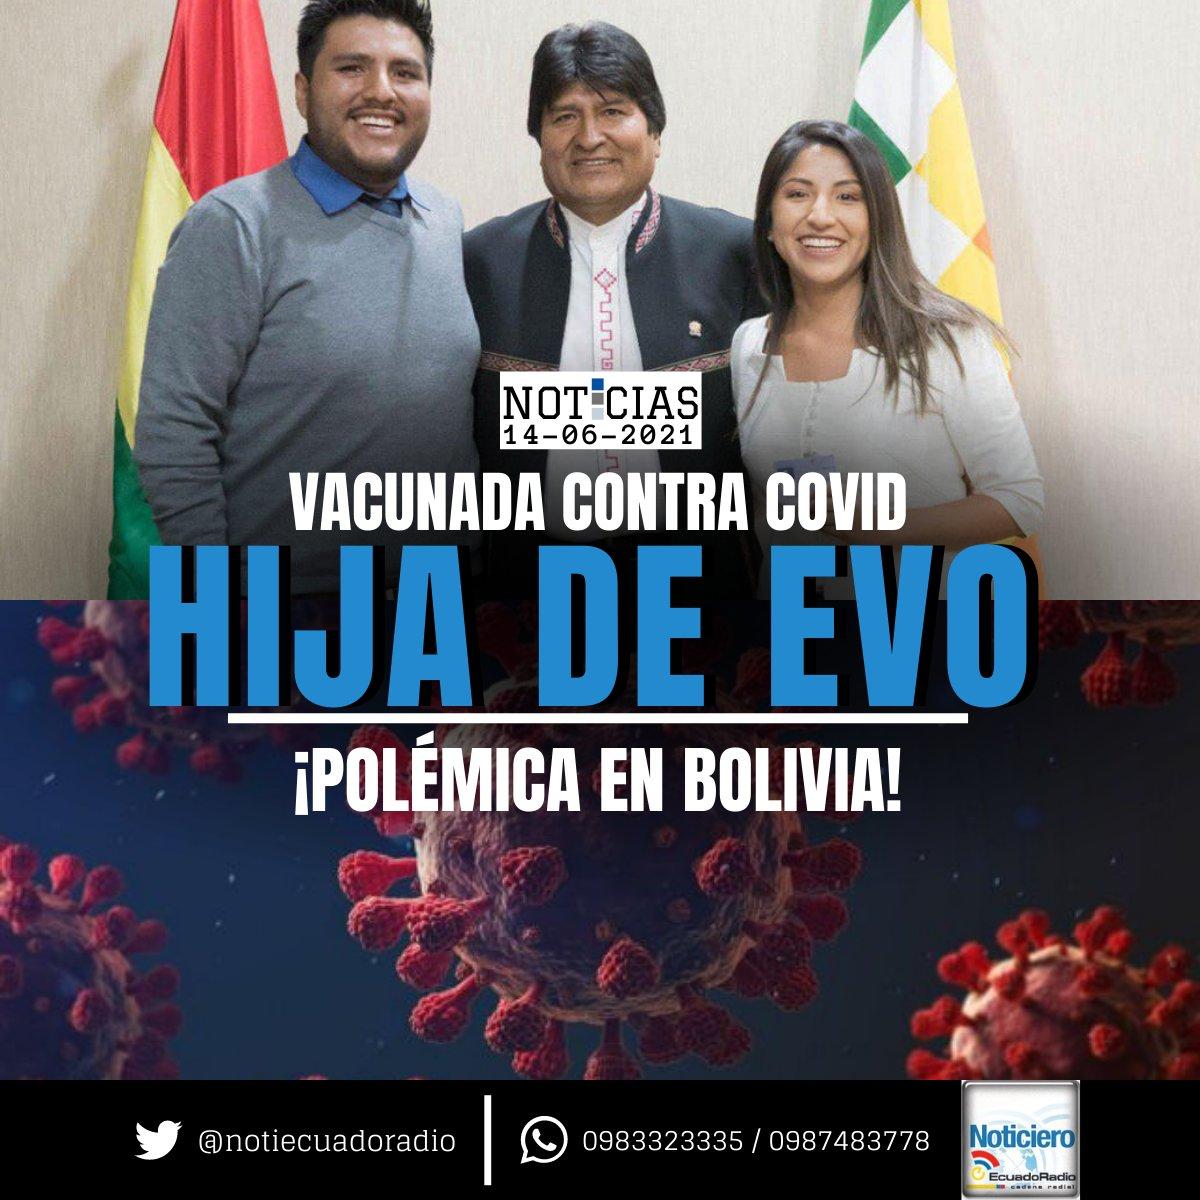 Portales verificadores bolivianos han confirmado que #EvalizMorales, hija del expresidente #EvoMorales, recibió la primera dosis de la vacuna contra la #covid_19 el 24 de mayo, fuera del calendario de inmunización por edades previsto por las autoridades del #país andino. https://t.co/3RBb0lmJ3m